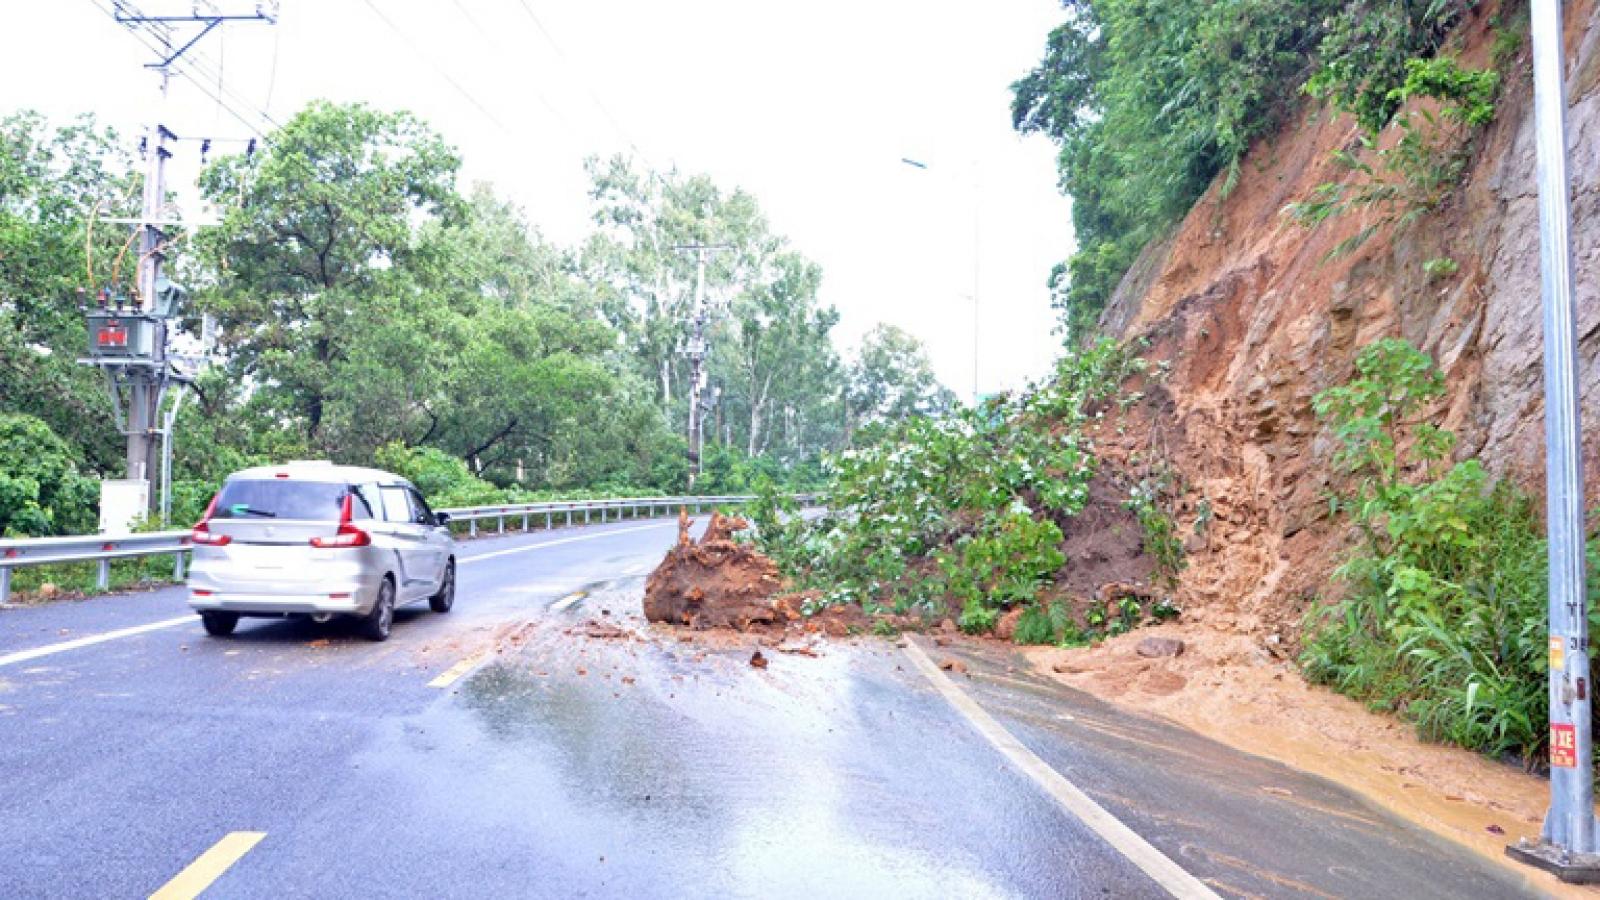 Giao thông tại thị trấn Tam Đảo - Vĩnh Phúc bị tắc do sạt lở đất